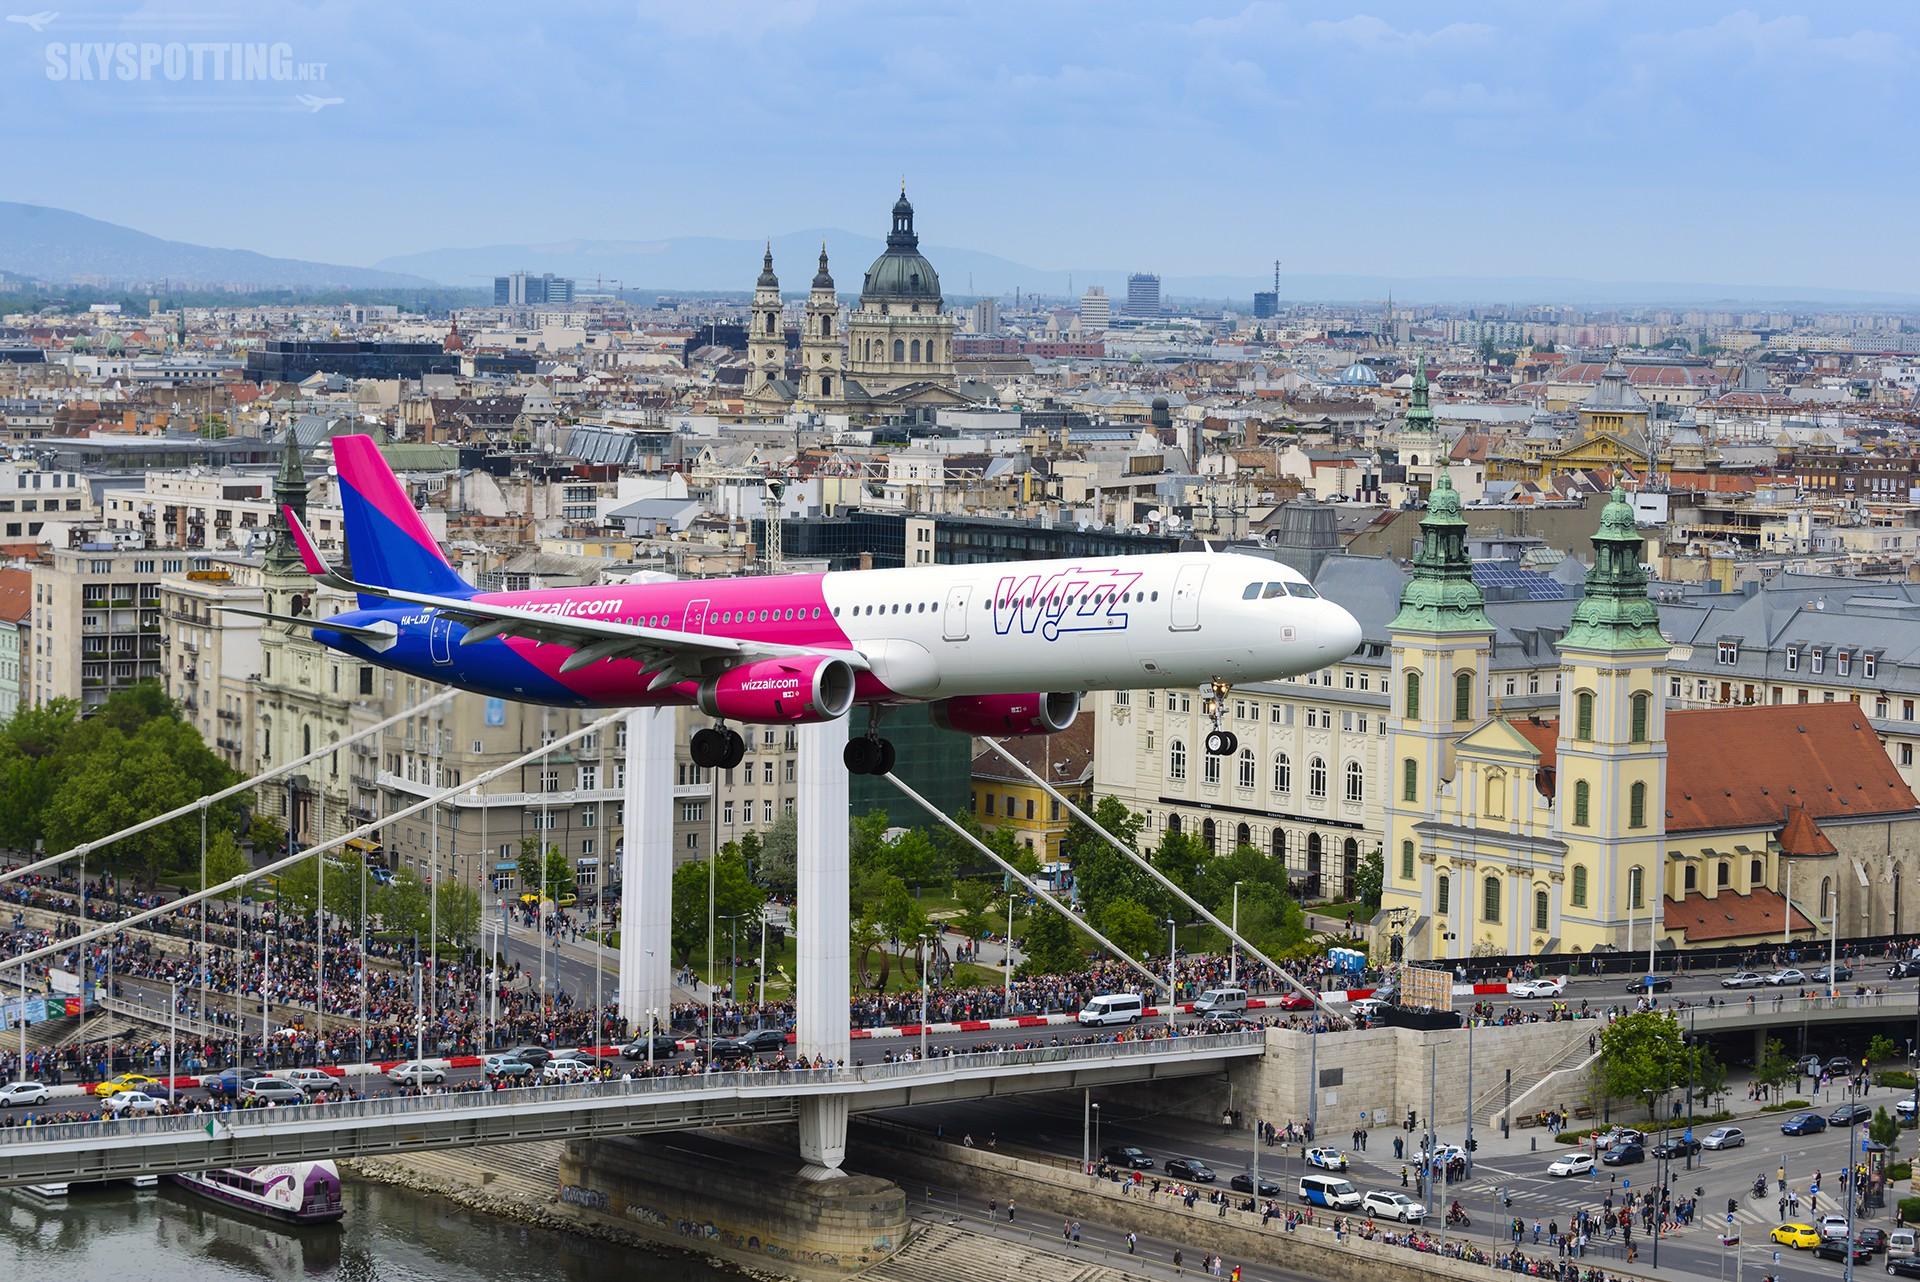 Najnowszy model samolotu Airbus A321 we flocie Wizz Air po raz pierwszy na pokazach lotniczych w Budapeszcie